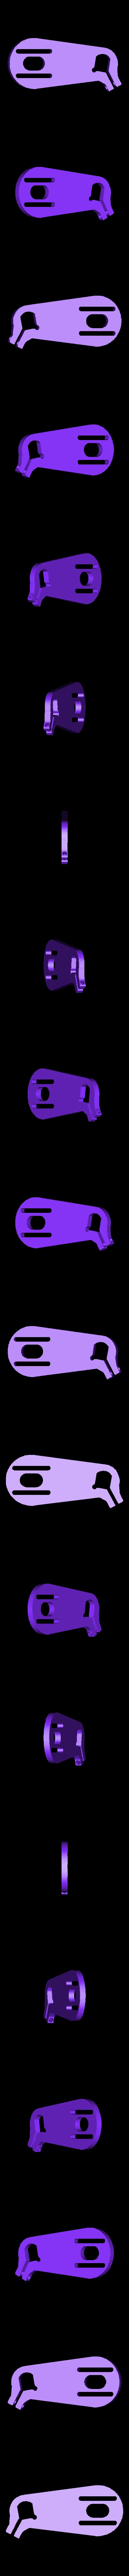 motor_plate_2.stl Télécharger fichier STL gratuit Planche de bricolage électrique Longboard • Objet imprimable en 3D, NikodemBartnik